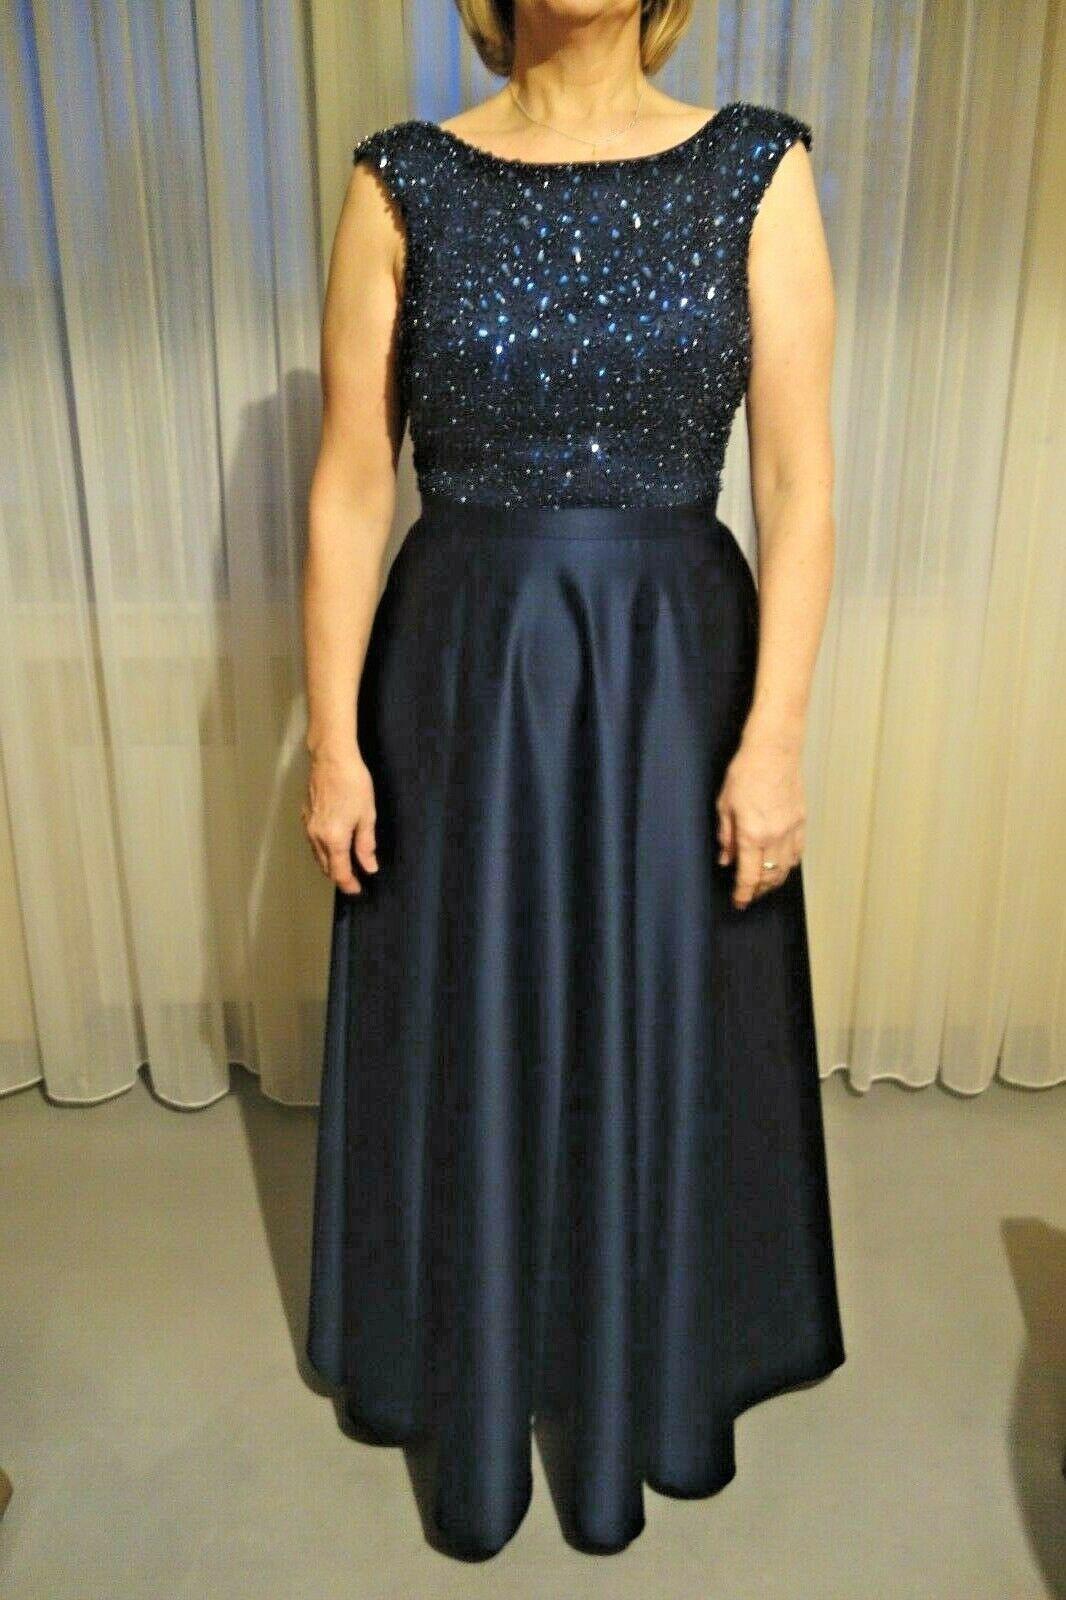 Abend Perfekt Abendkleid München Stylish15 Genial Abendkleid München Bester Preis